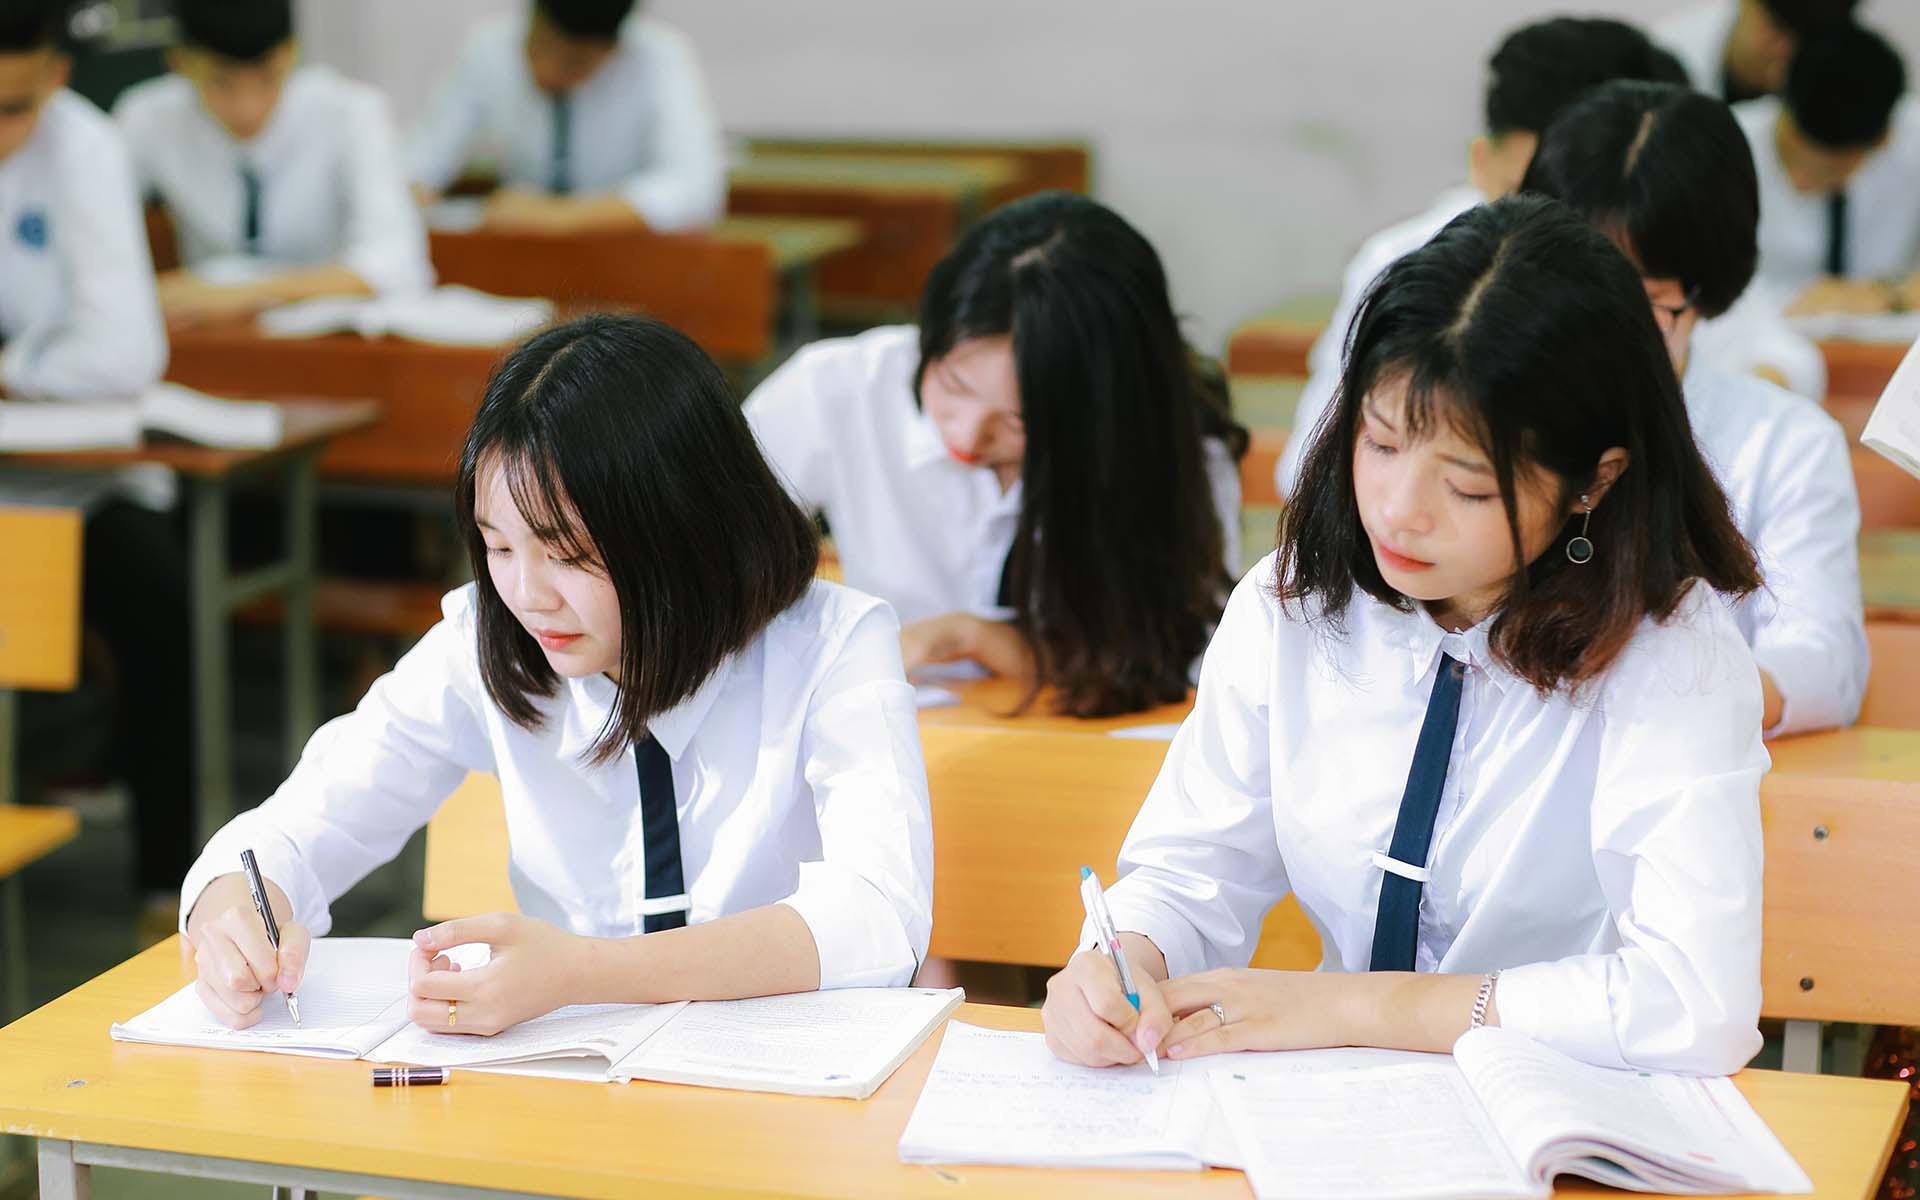 Vì sao Quảng Ngãi bất ngờ thu hồi 3,5 tỷ đồng khen thưởng học sinh? - Ảnh 1